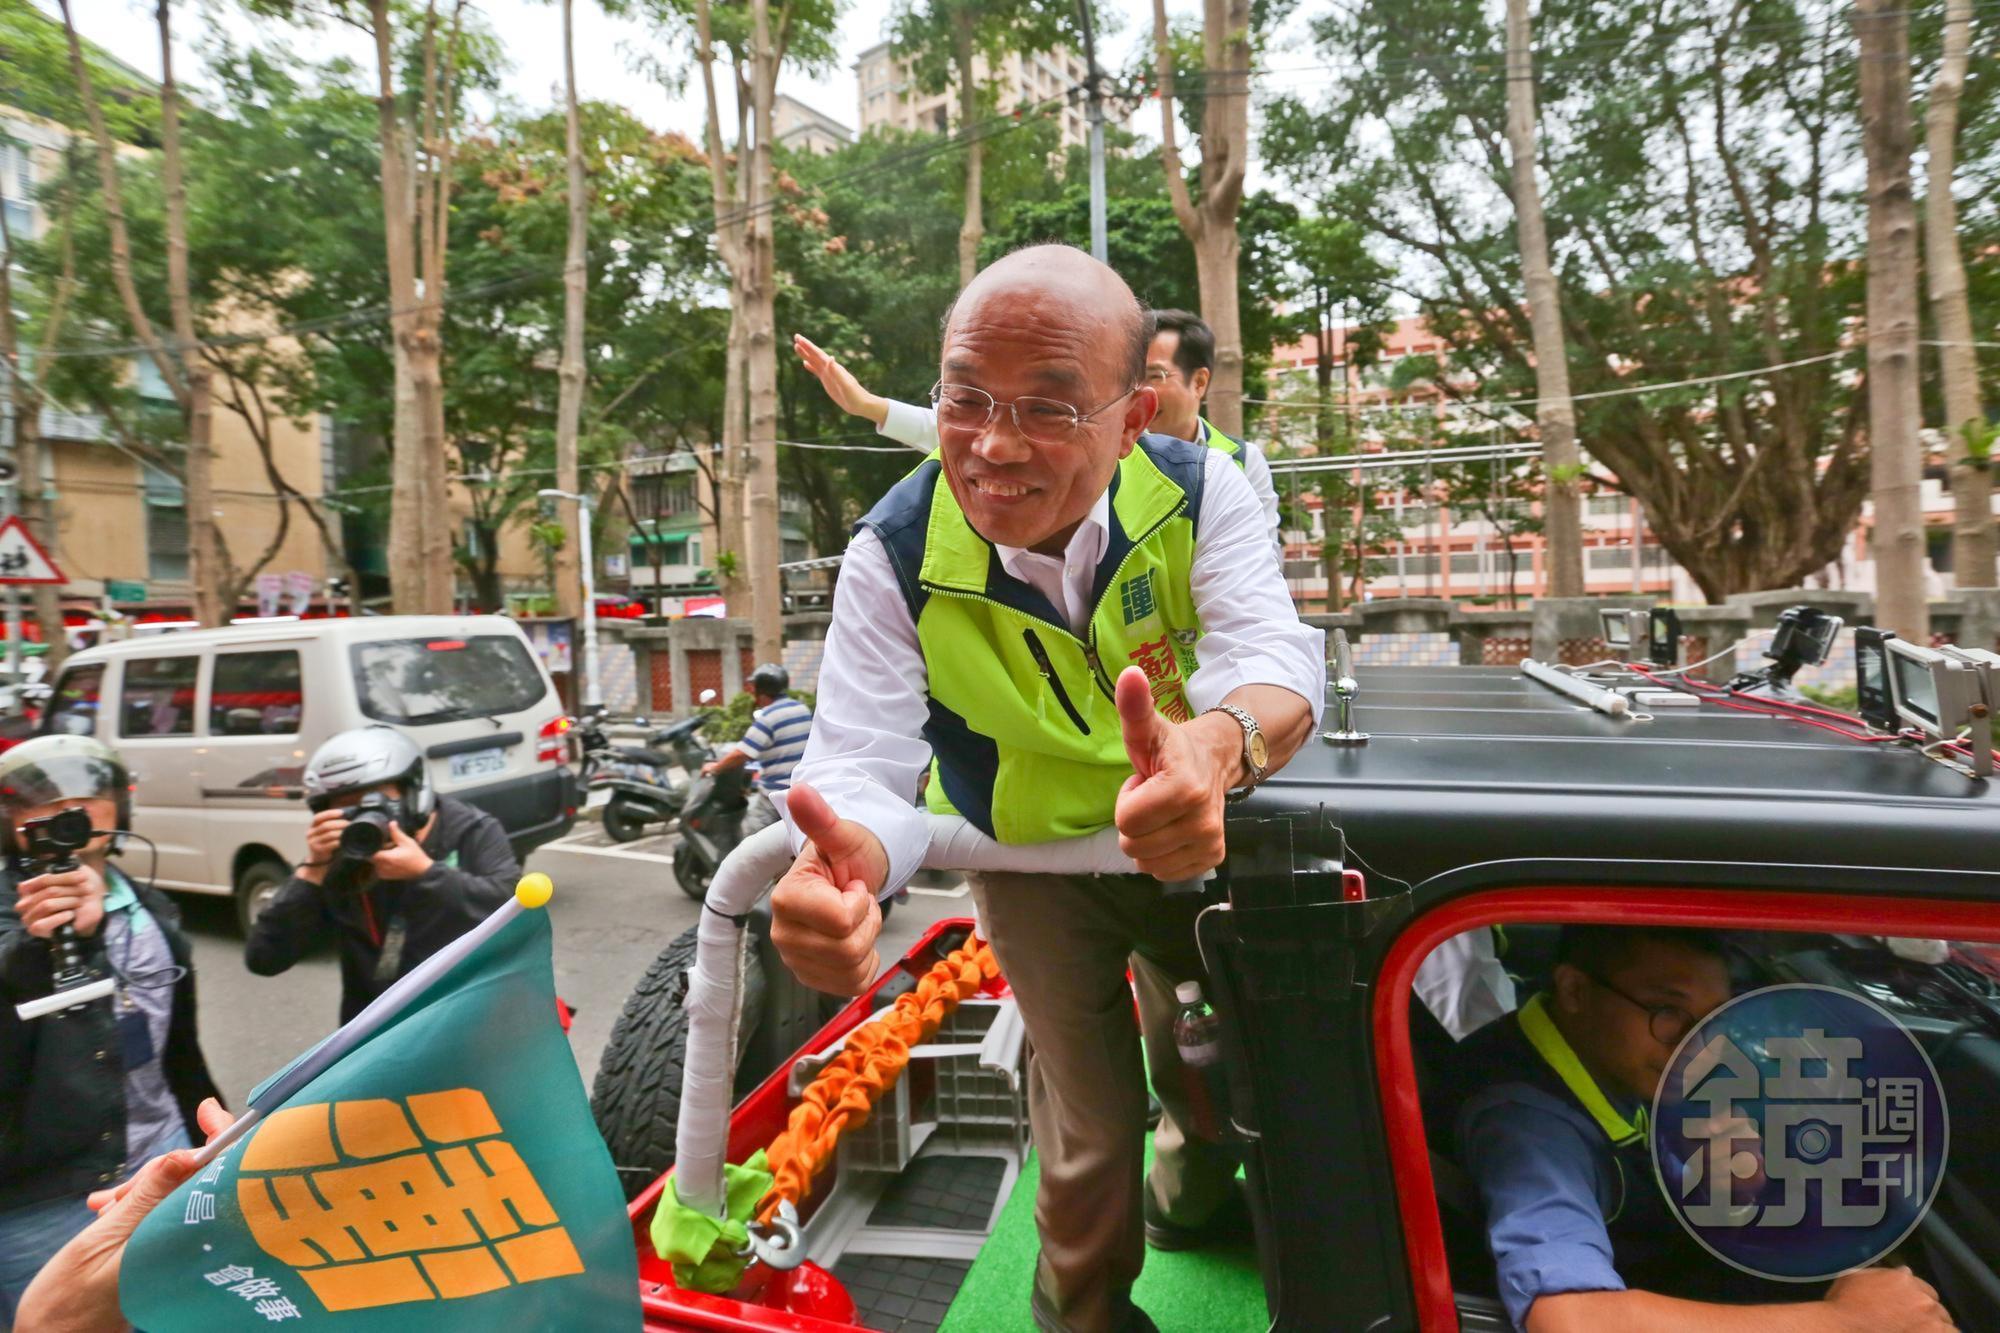 即便年過七十,蘇貞昌掃街拜票仍精神奕奕,以行動證明了寶刀未老。